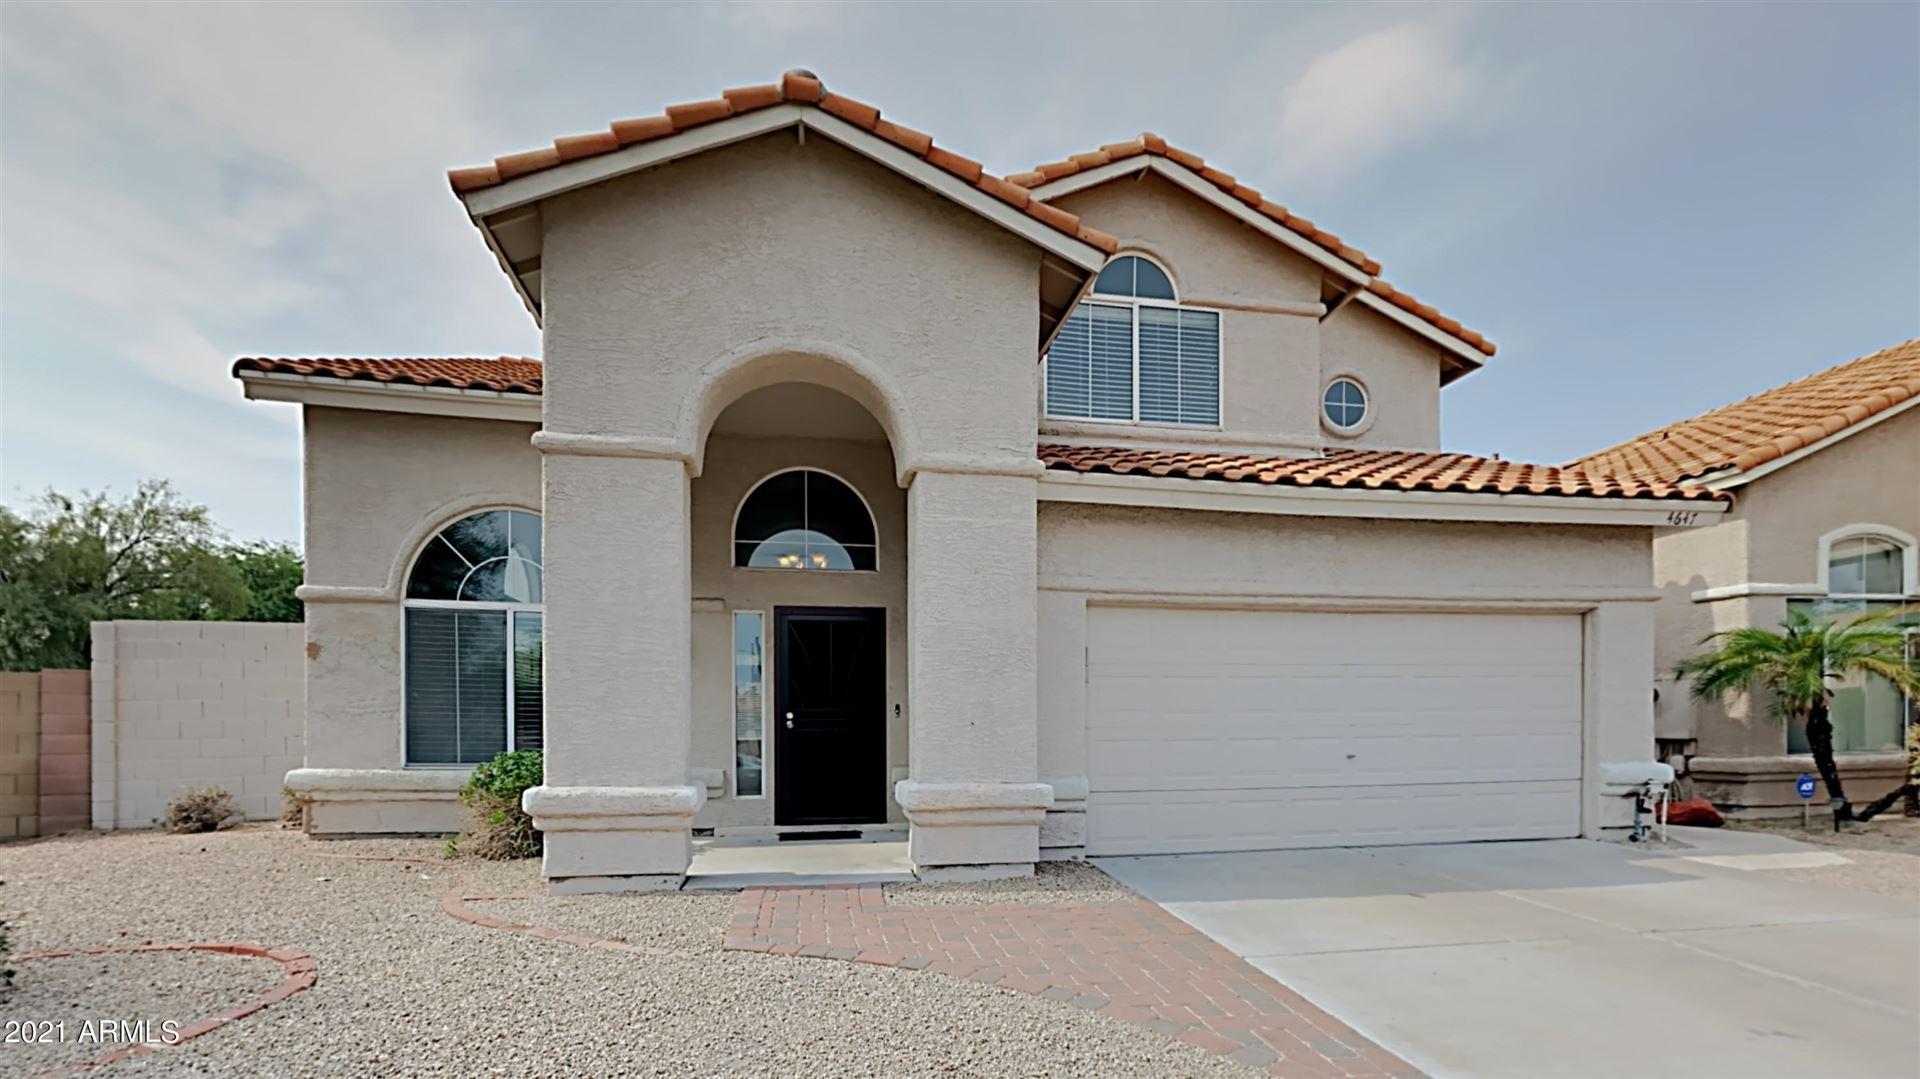 4647 E MICHELLE Drive, Phoenix, AZ 85032 - MLS#: 6270350